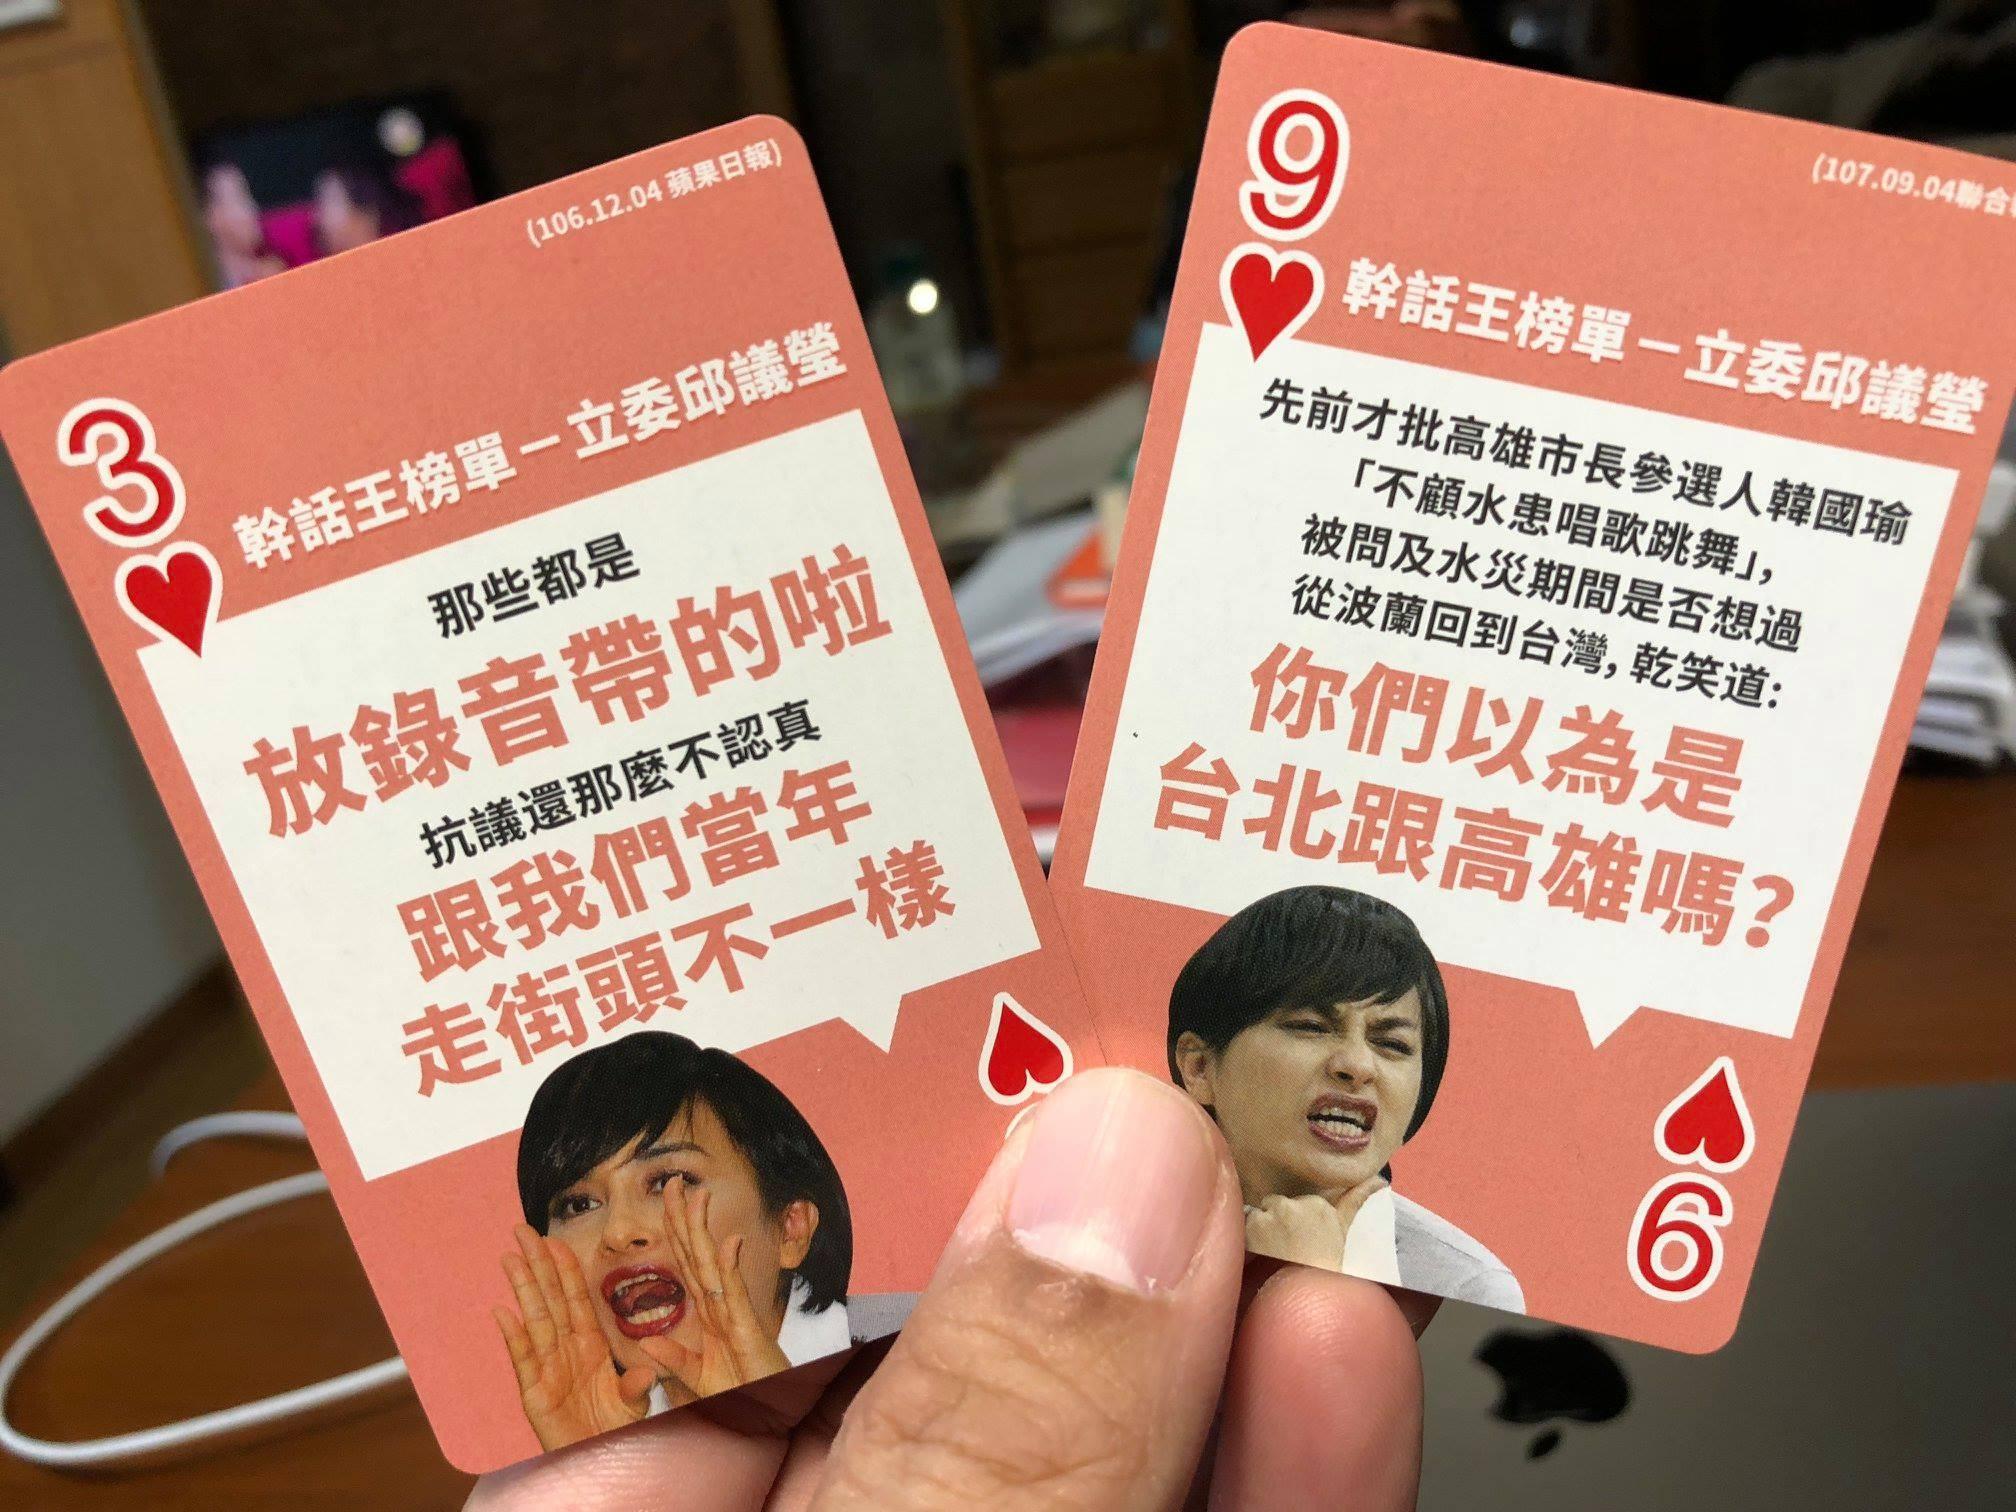 「民進黨 幹話 撲克牌」的圖片搜尋結果